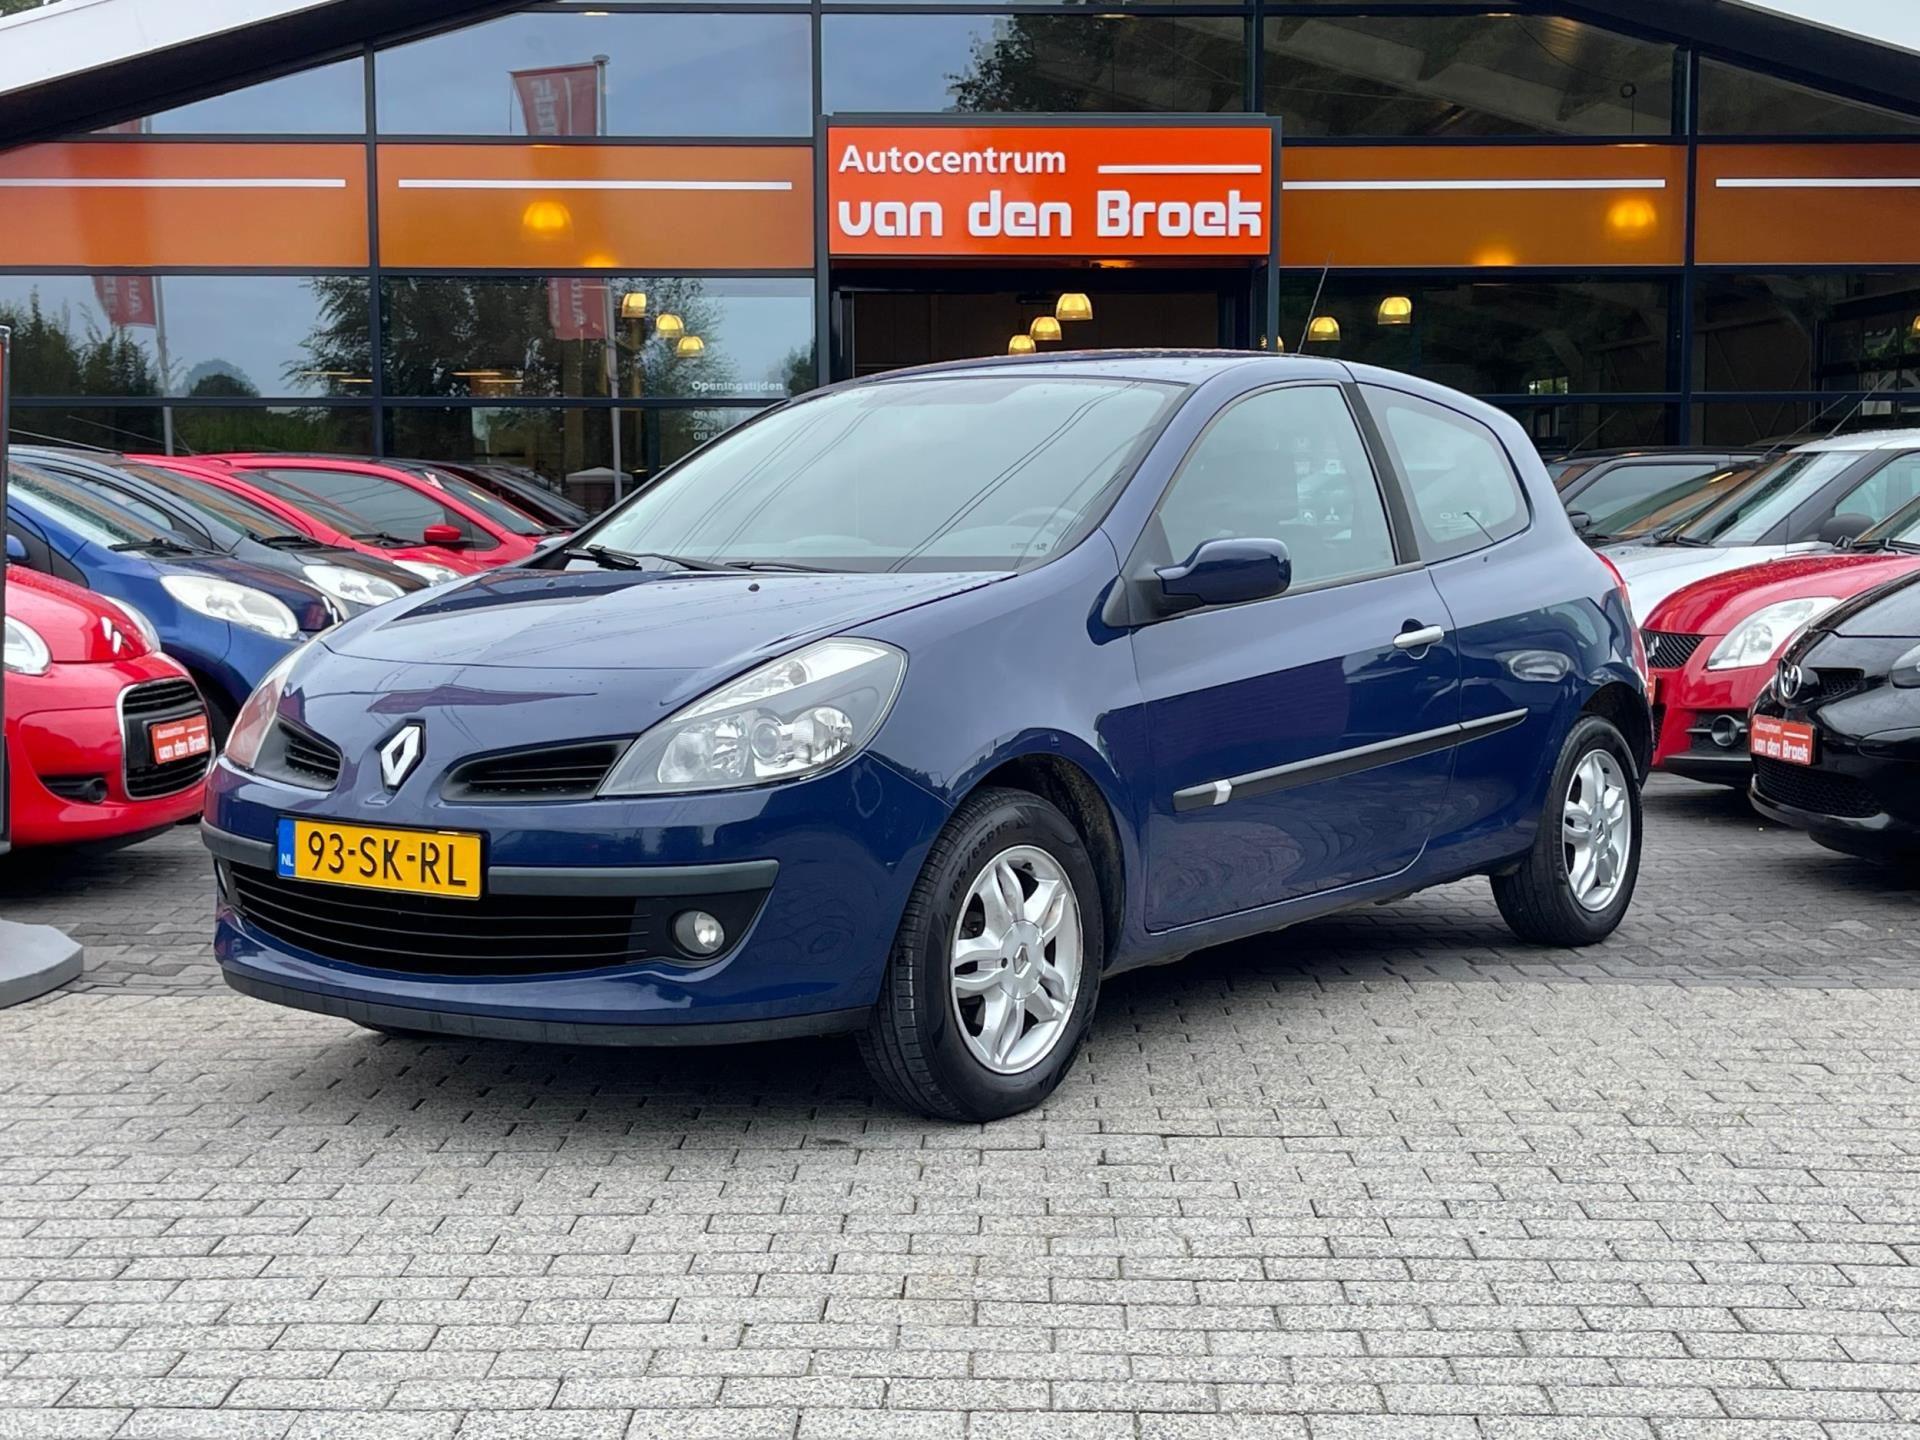 Renault Clio occasion - AutoCentrum A. van Den Broek